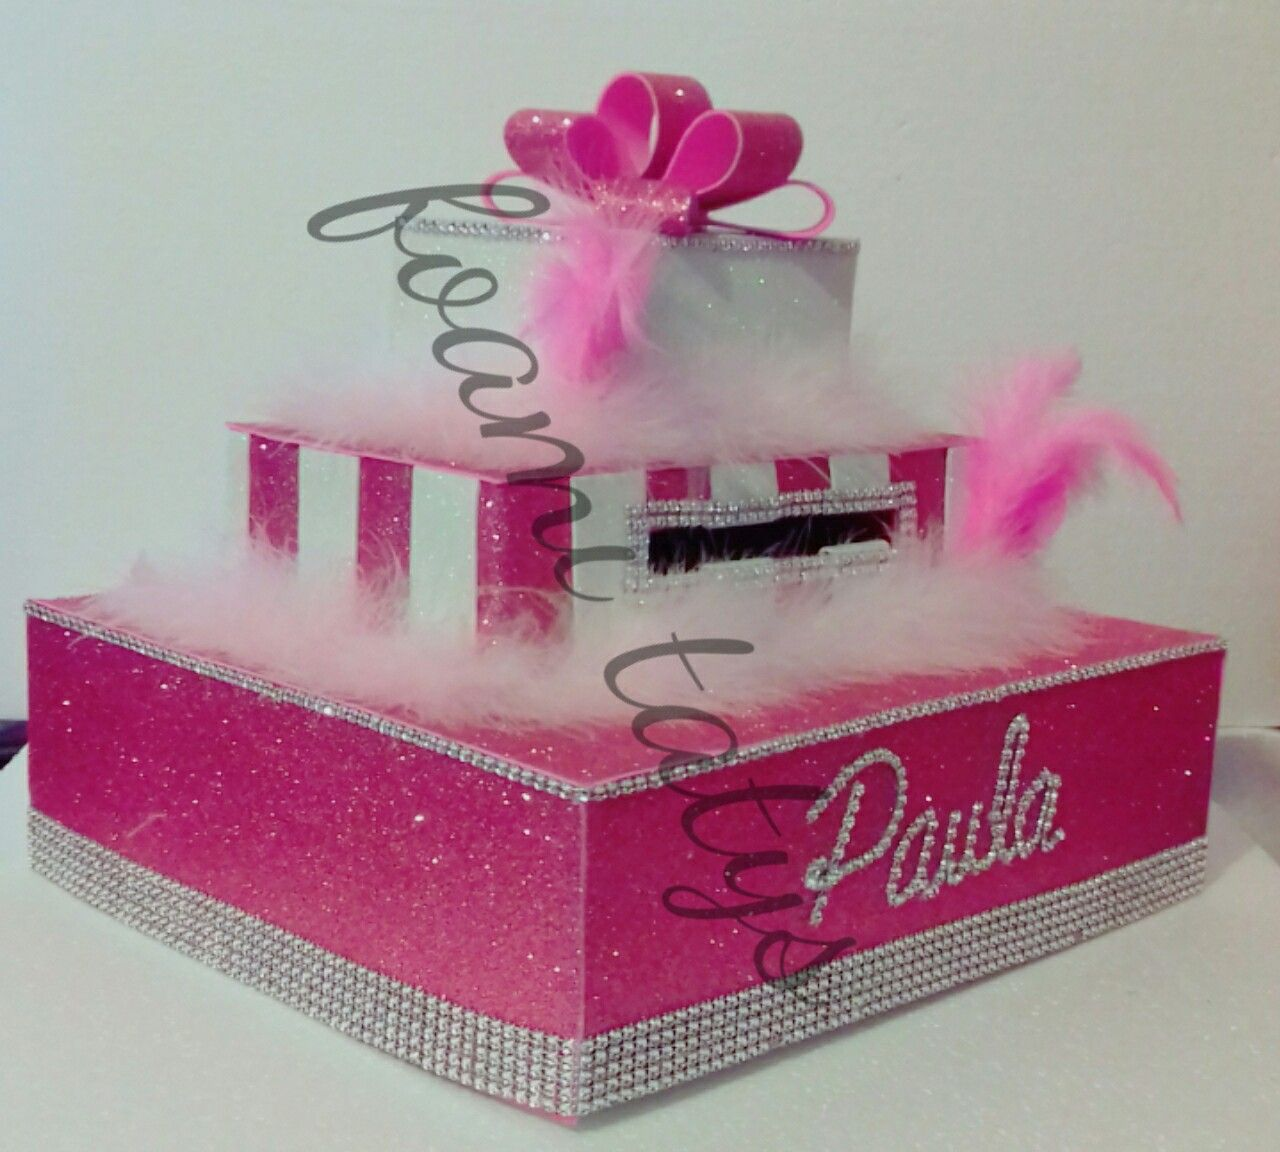 Buzon xv a os buzones pinterest buzones cajas corrugadas y cajas decoradas - Buzones ortega ...